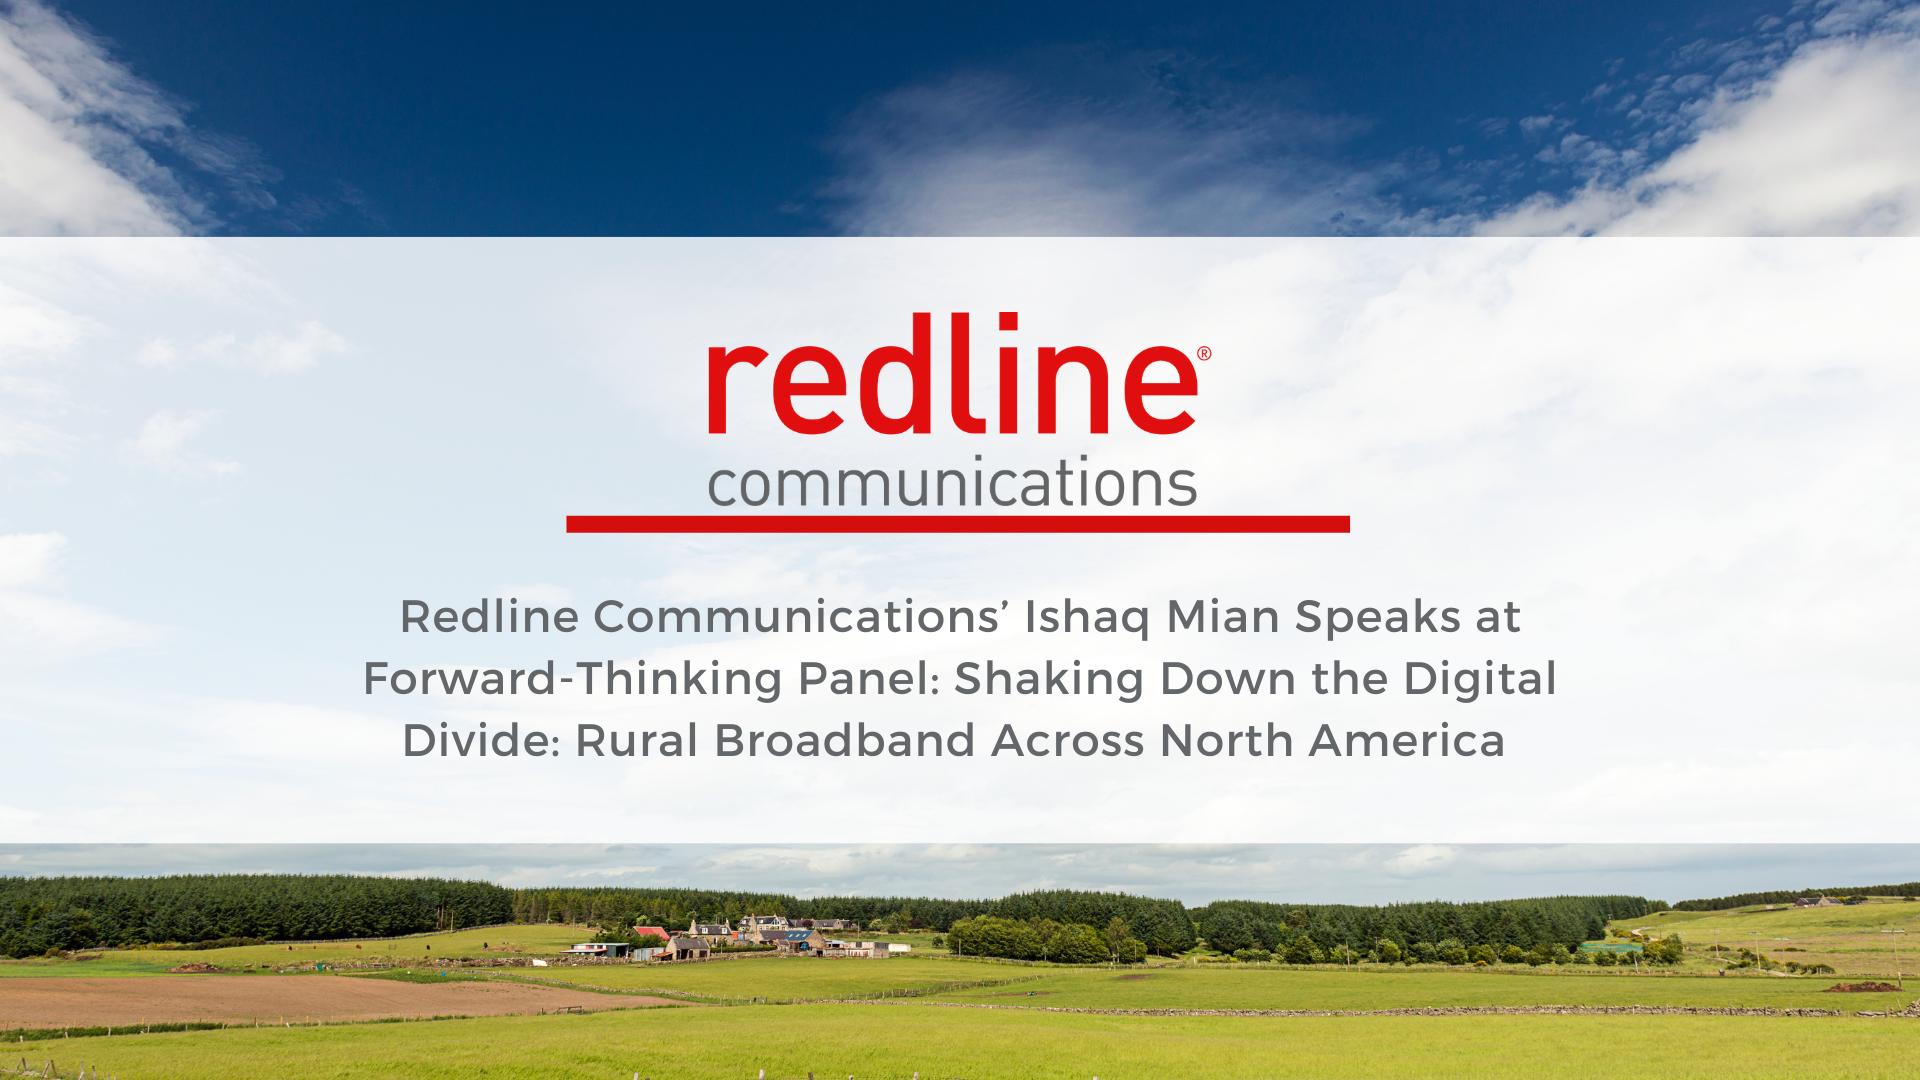 Redline - Digital Divide